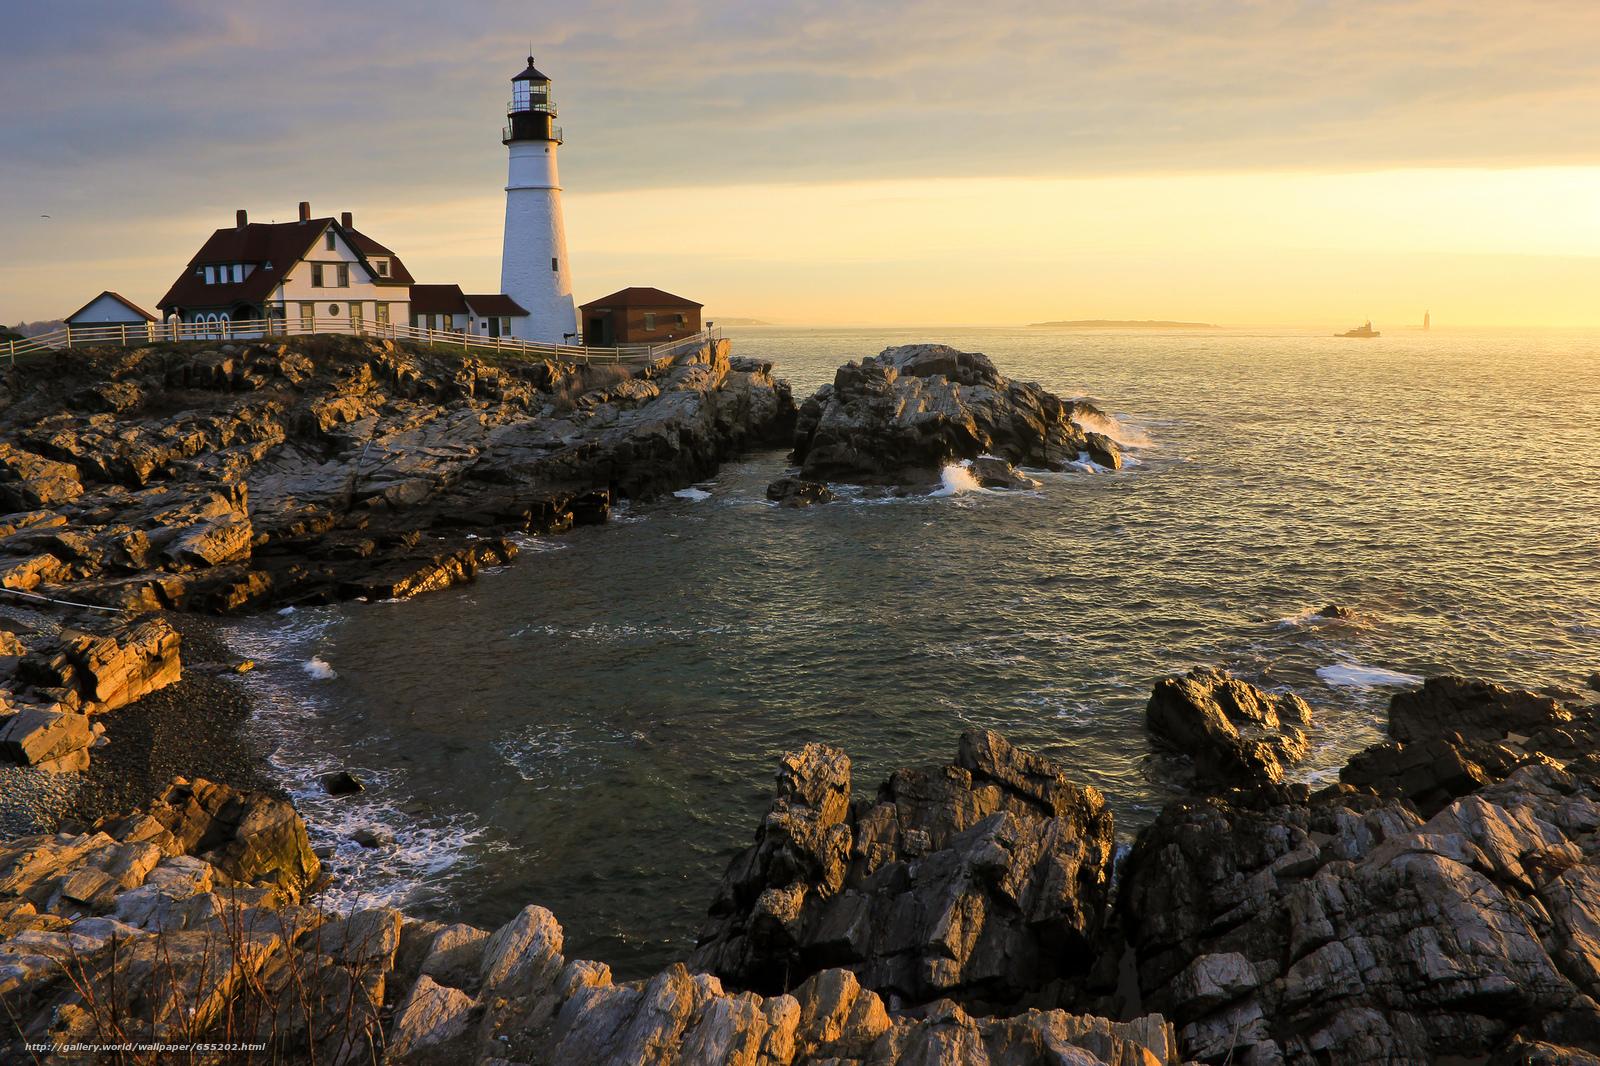 Скачать обои Portland Head Light,  Cape Elizabeth,  Maine,  маяк бесплатно для рабочего стола в разрешении 2048x1365 — картинка №655202